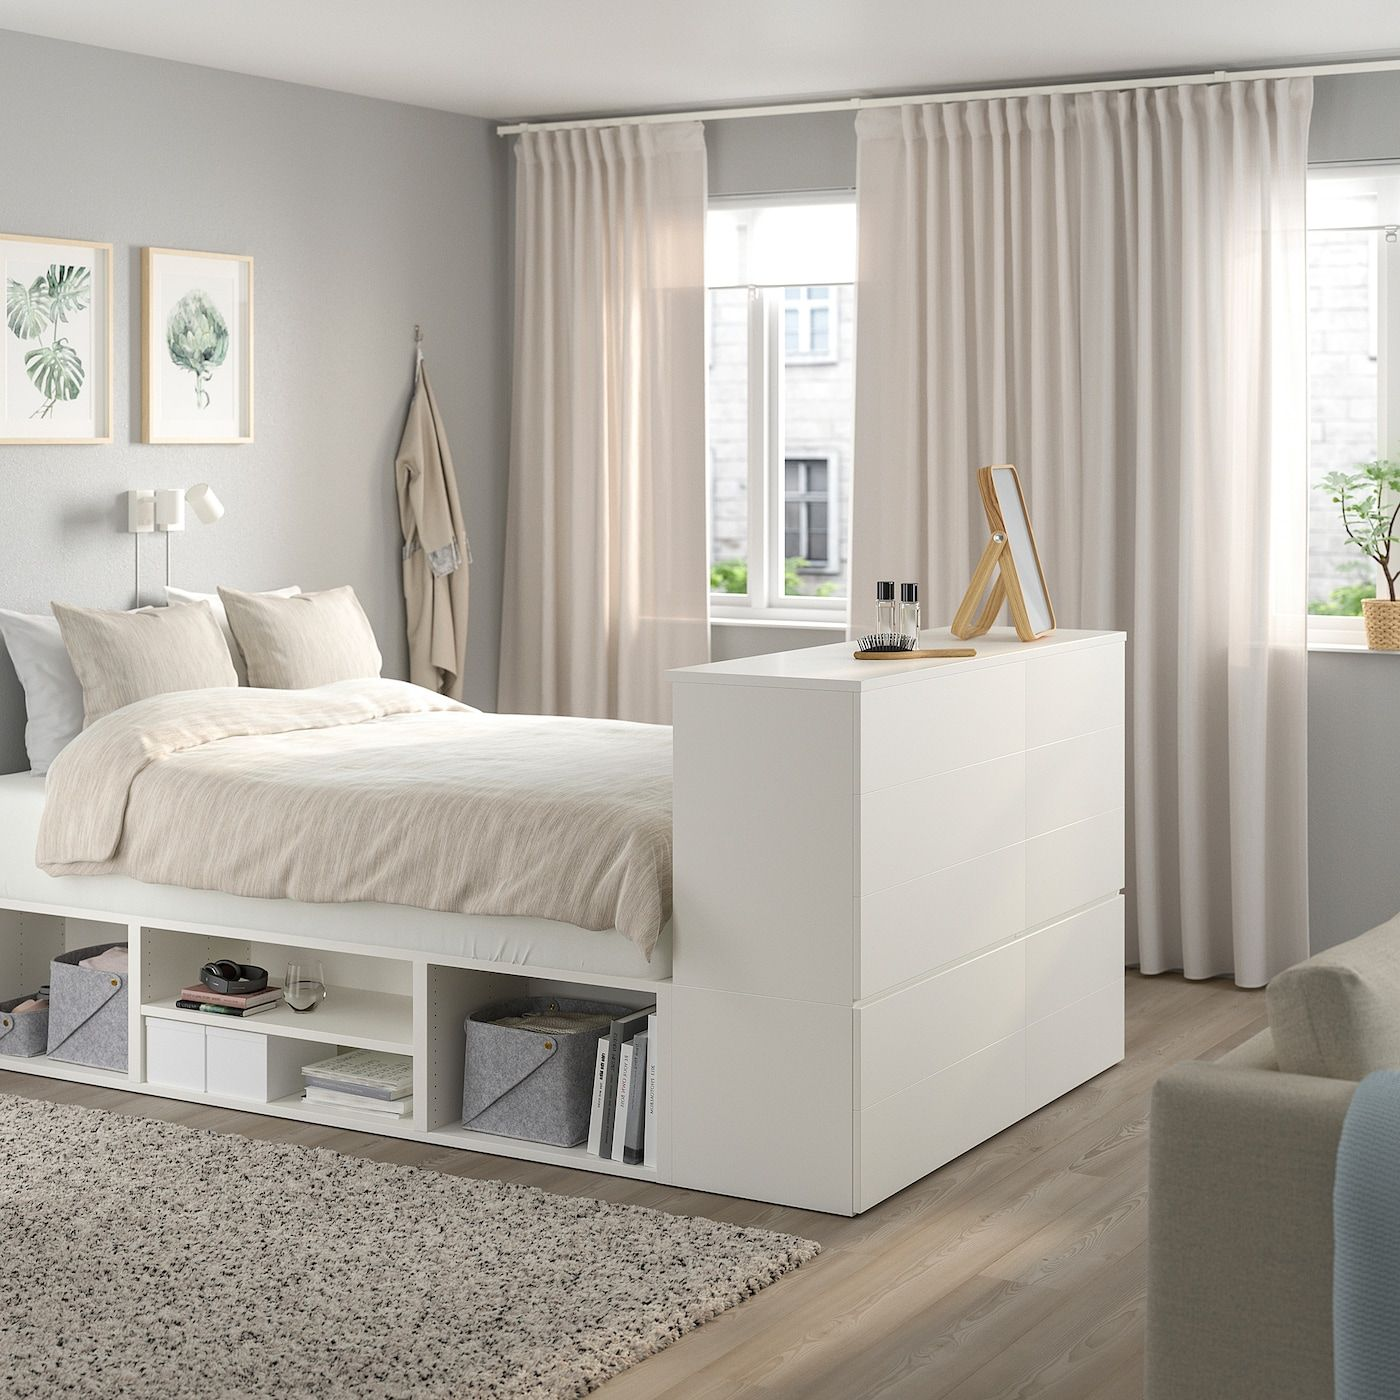 Pin On Groots Leven In Klein Huis Ikea platsa bedroom ideas